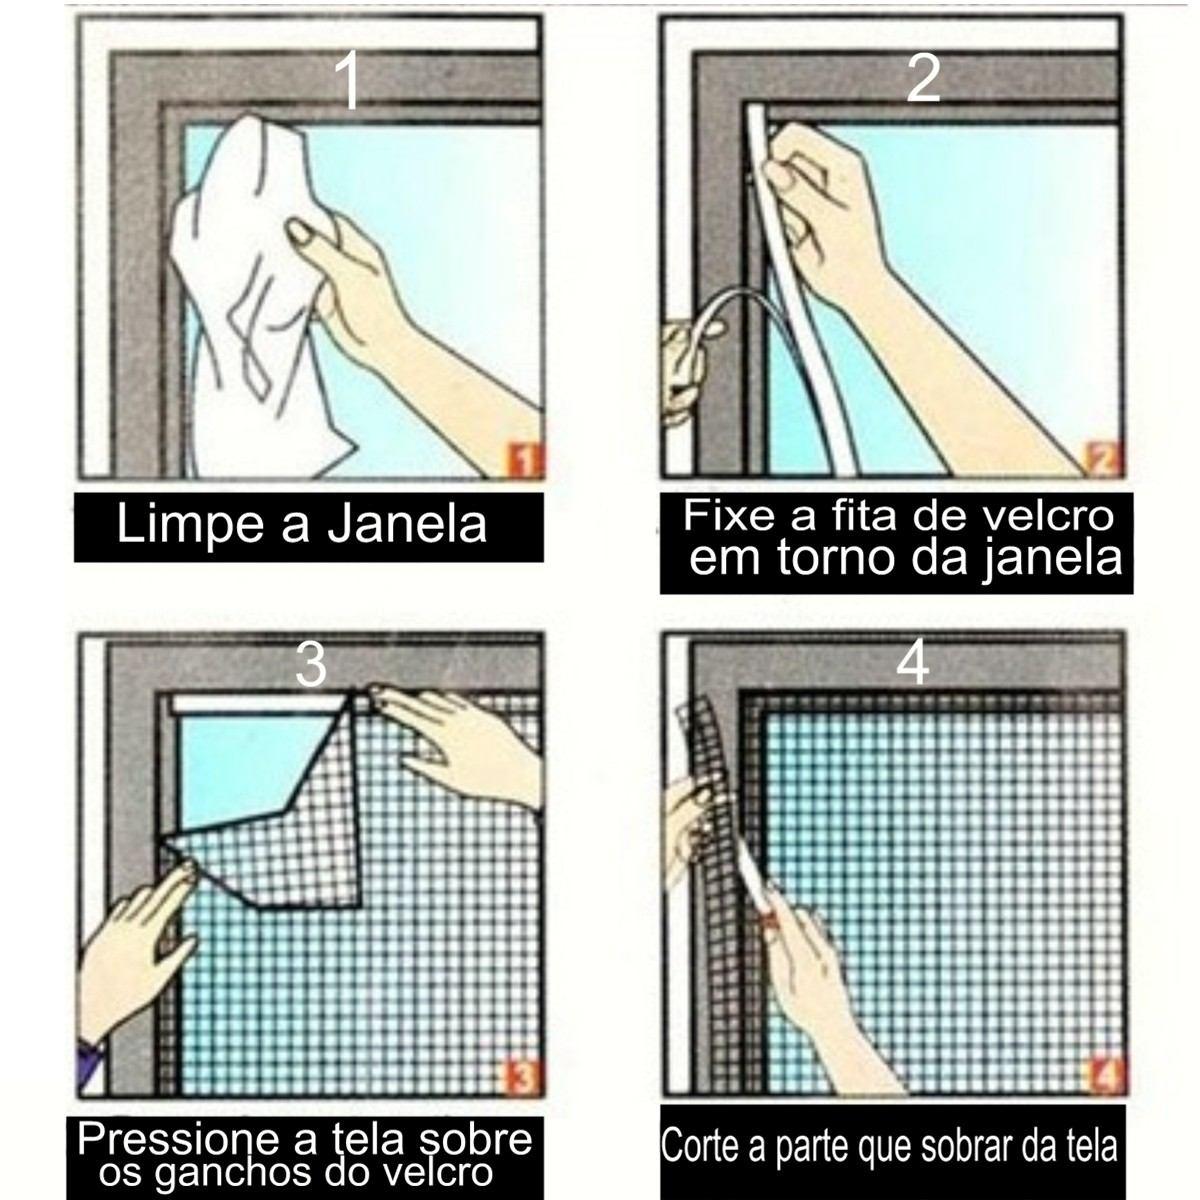 Tela De Janela Protetora Contra Insetos E Mosquito Da Dengue R$ 26  #507B50 1200 1200